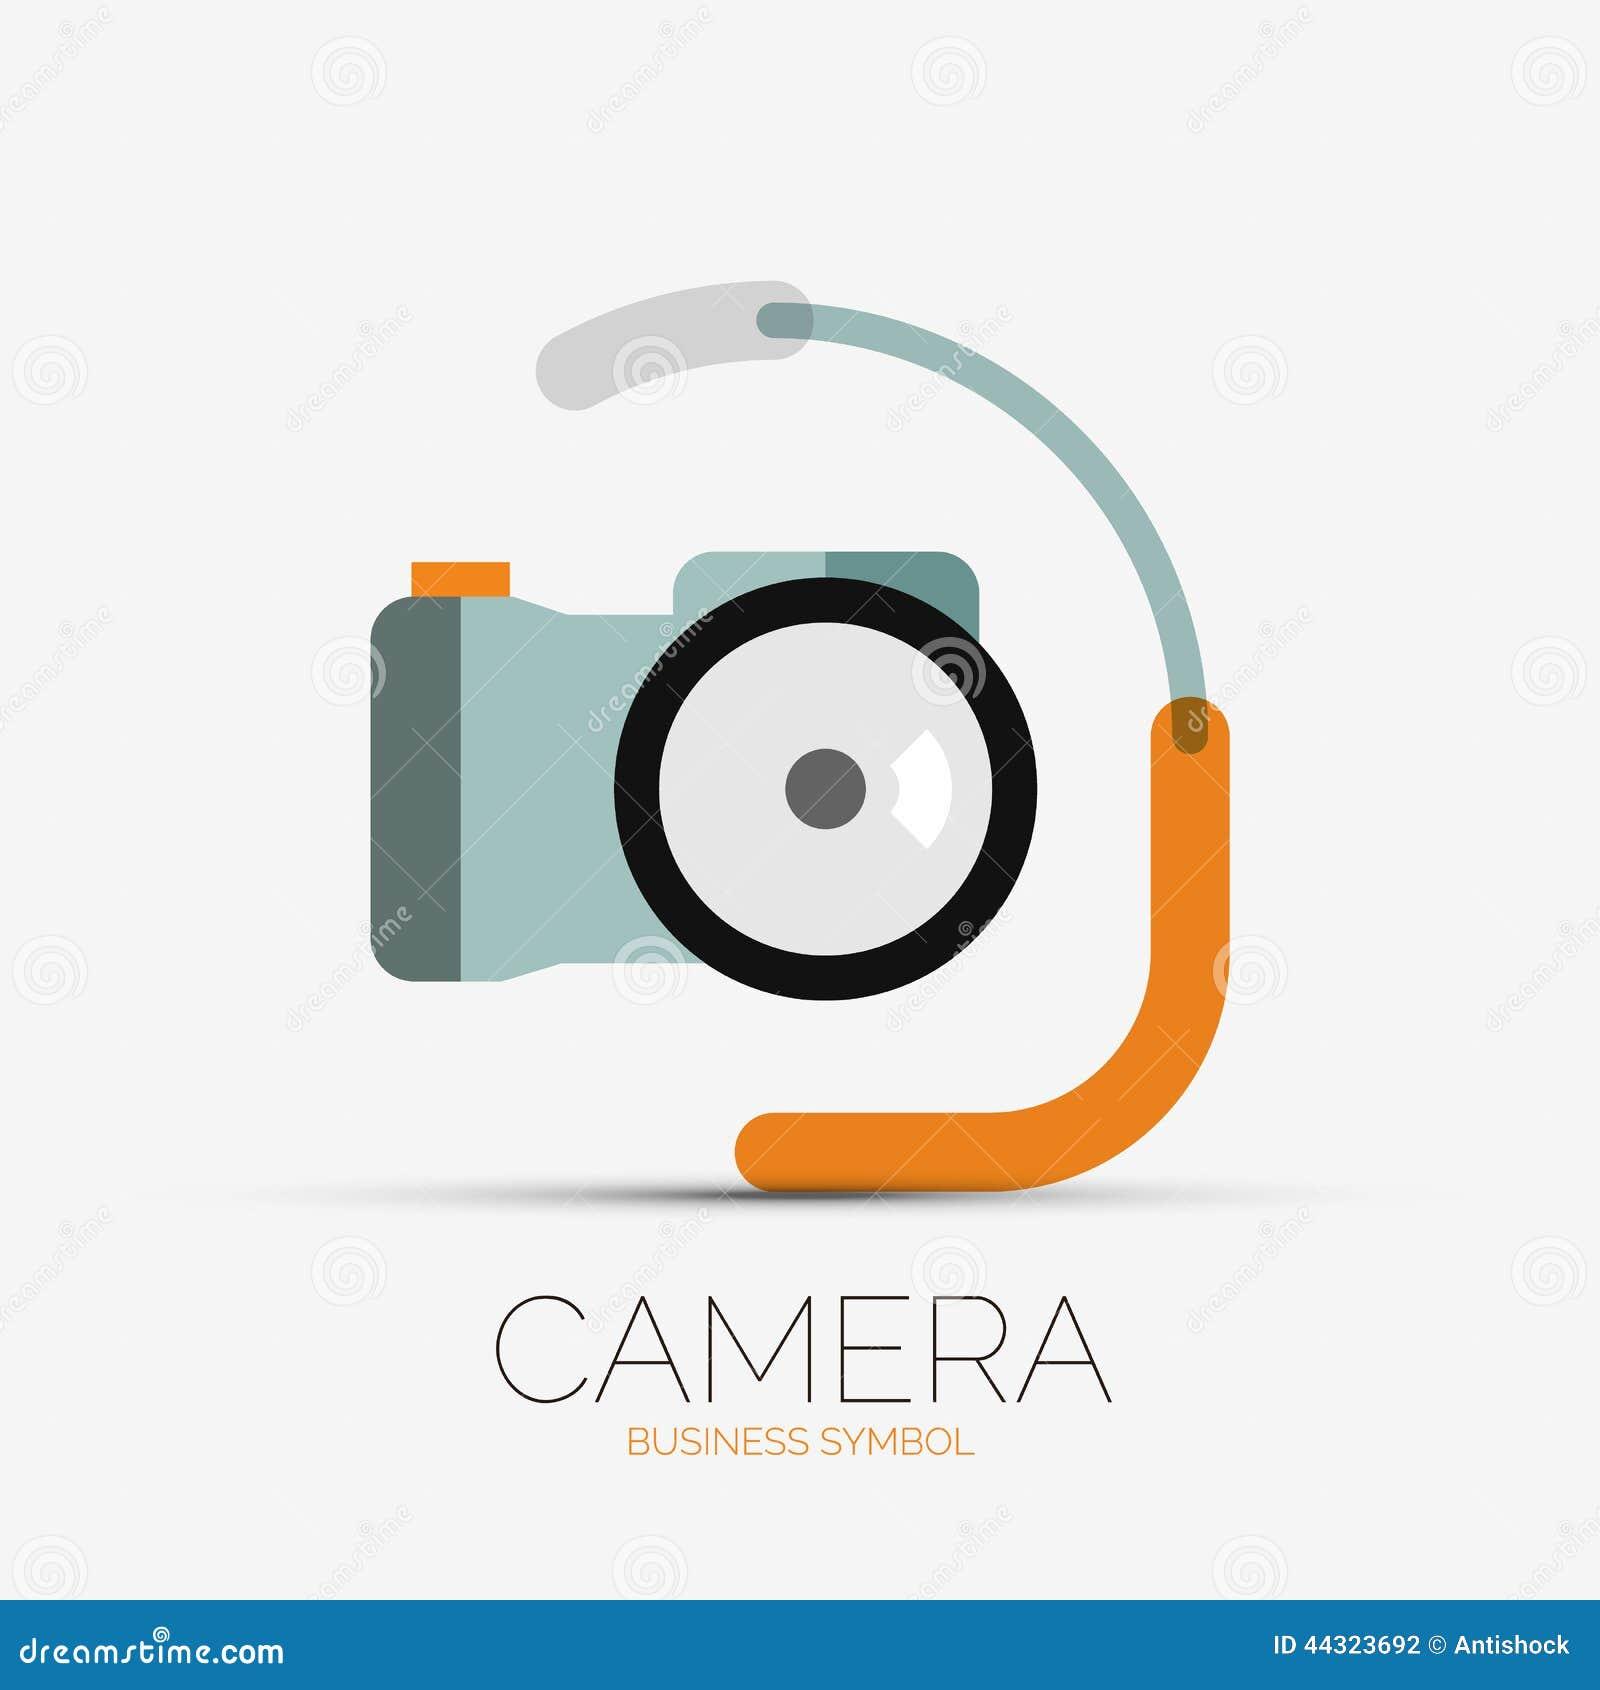 Camera Company Logo Camera company logo, minimal